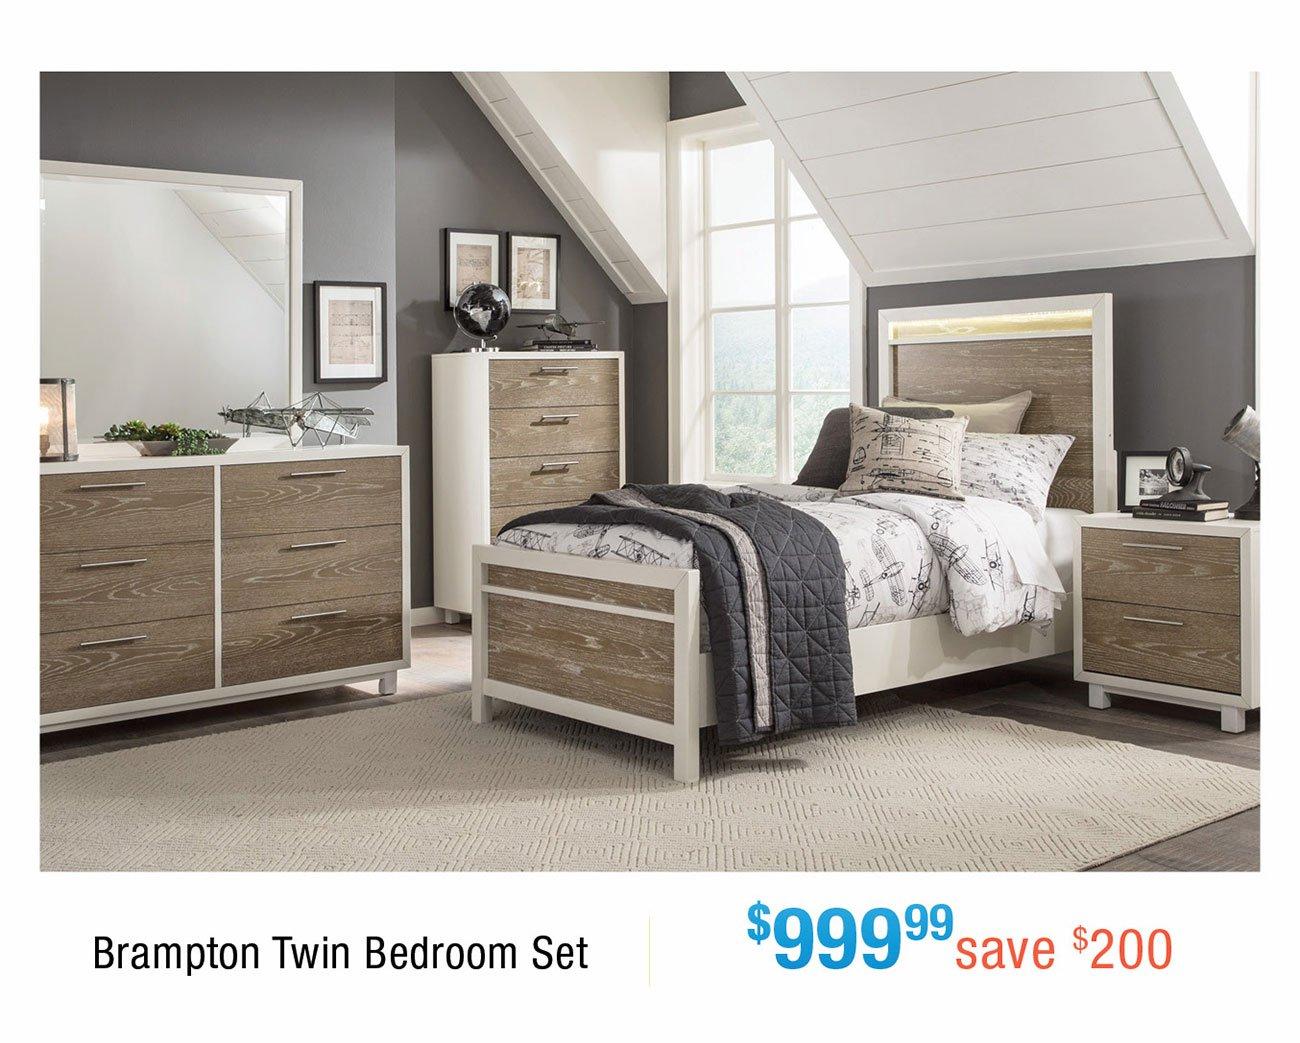 Brampton-twin-bedroom-set